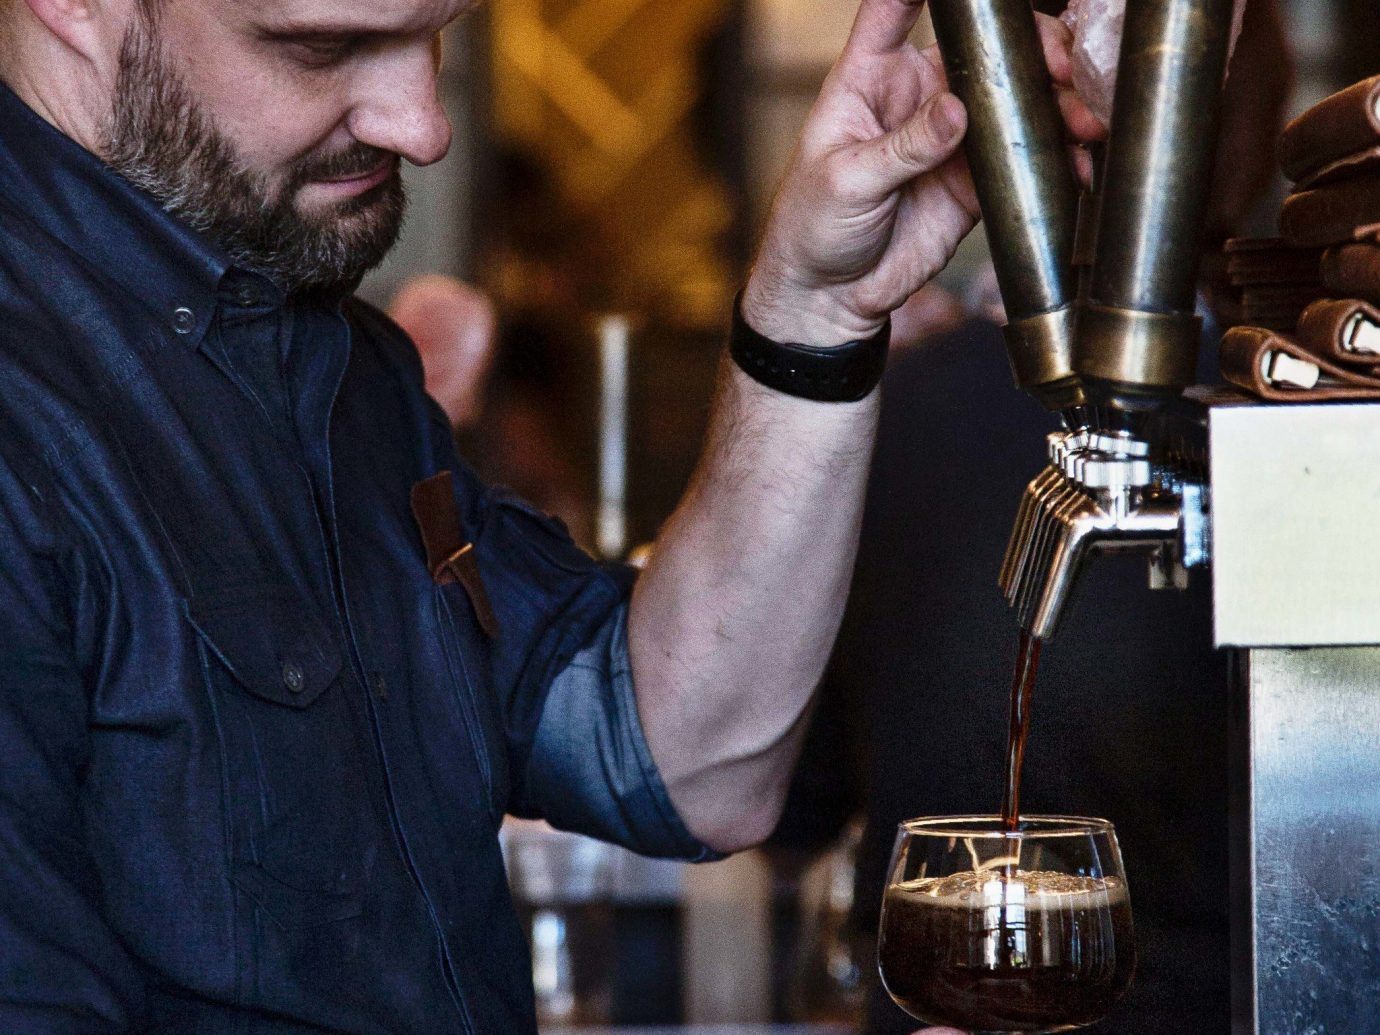 Trip Ideas Weekend Getaways person man indoor Drink profession machinist distilled beverage artisan